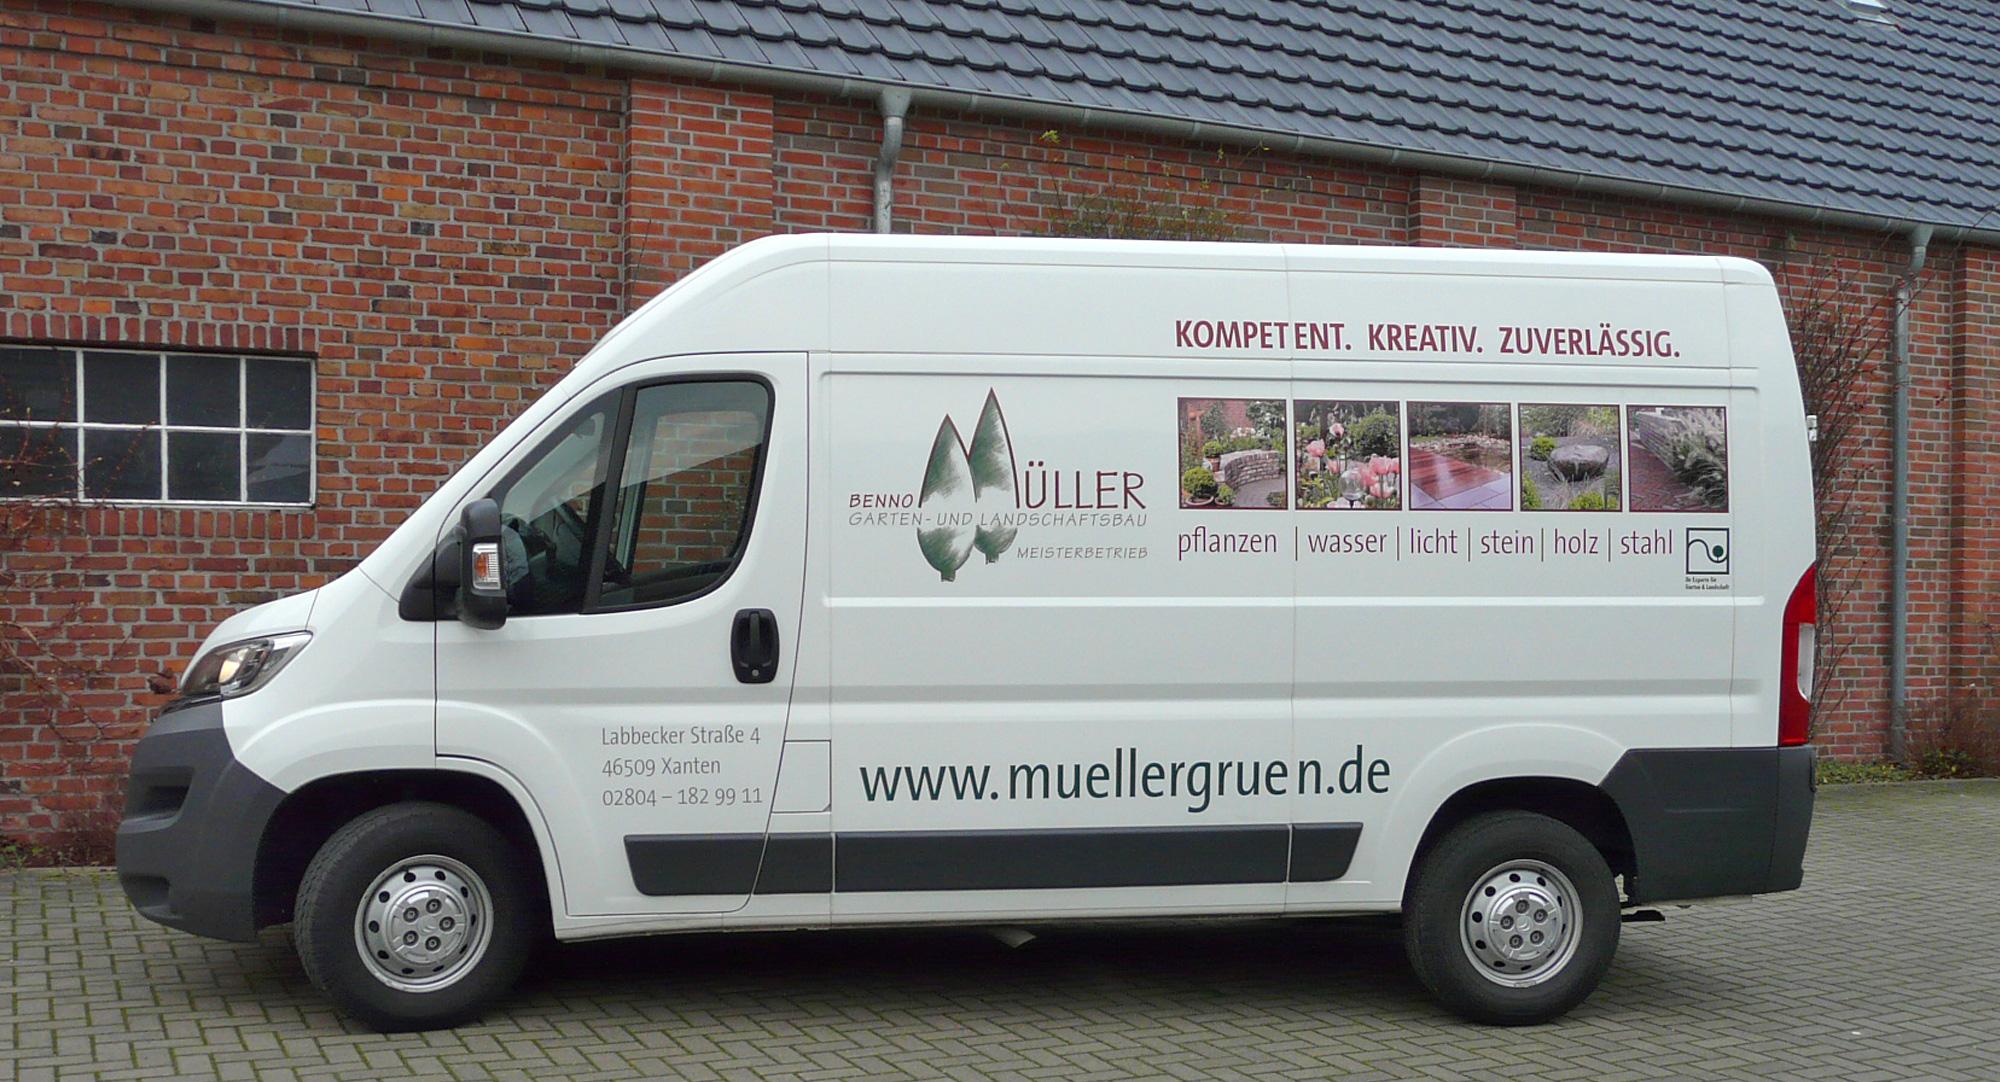 Garten- und Landschaftsbau Benno Müller – Busbeschriftung